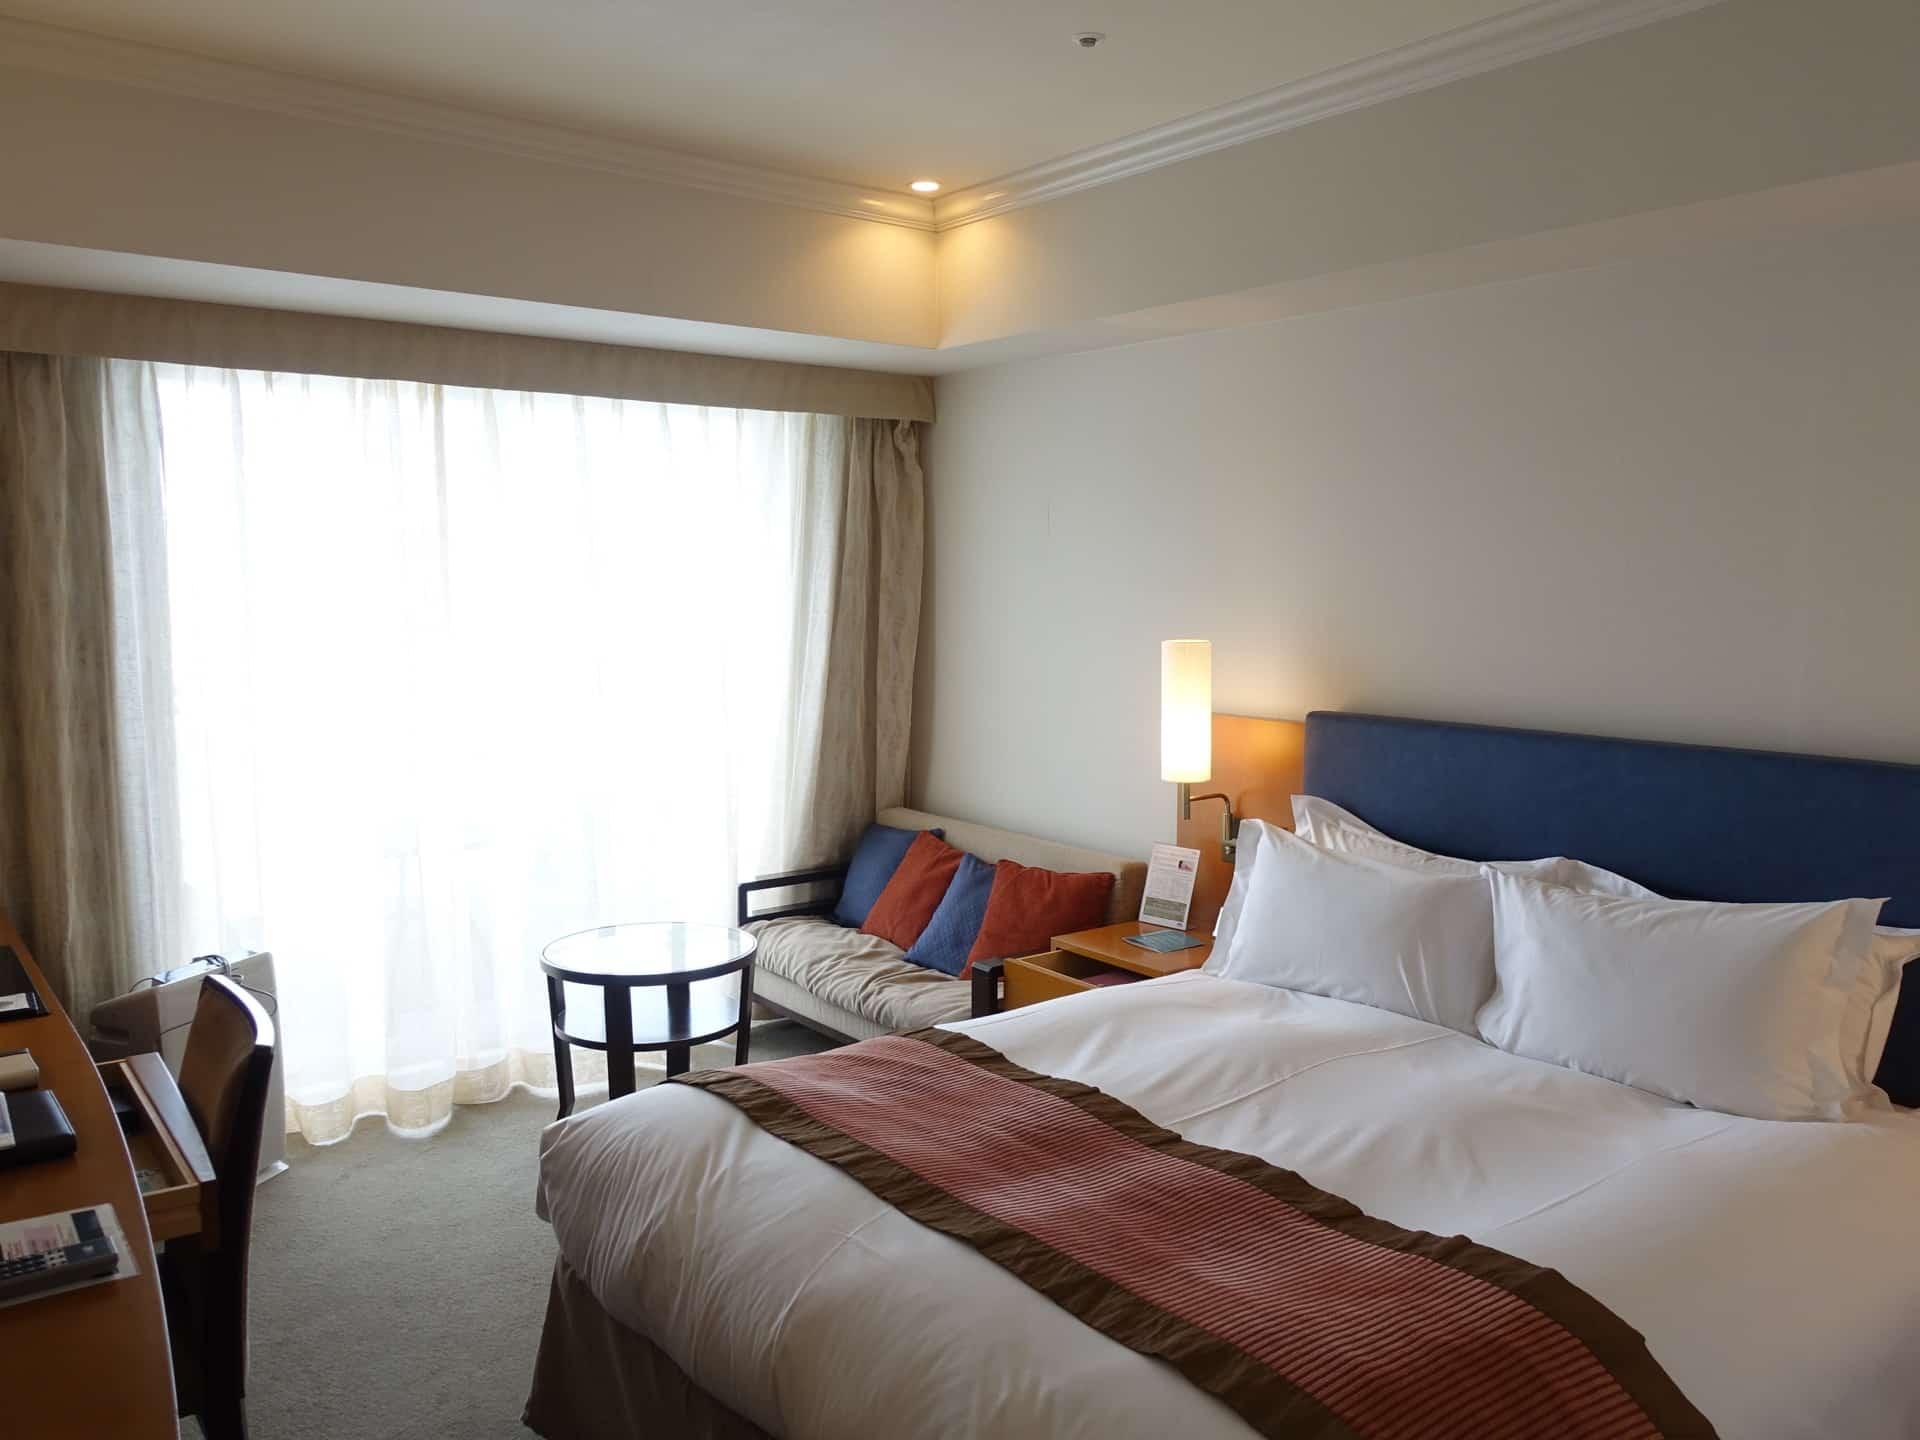 【宿泊記】神戸メリケンパークオリエンタルホテル・スーペリアダブル。海に面したバルコニー付き!